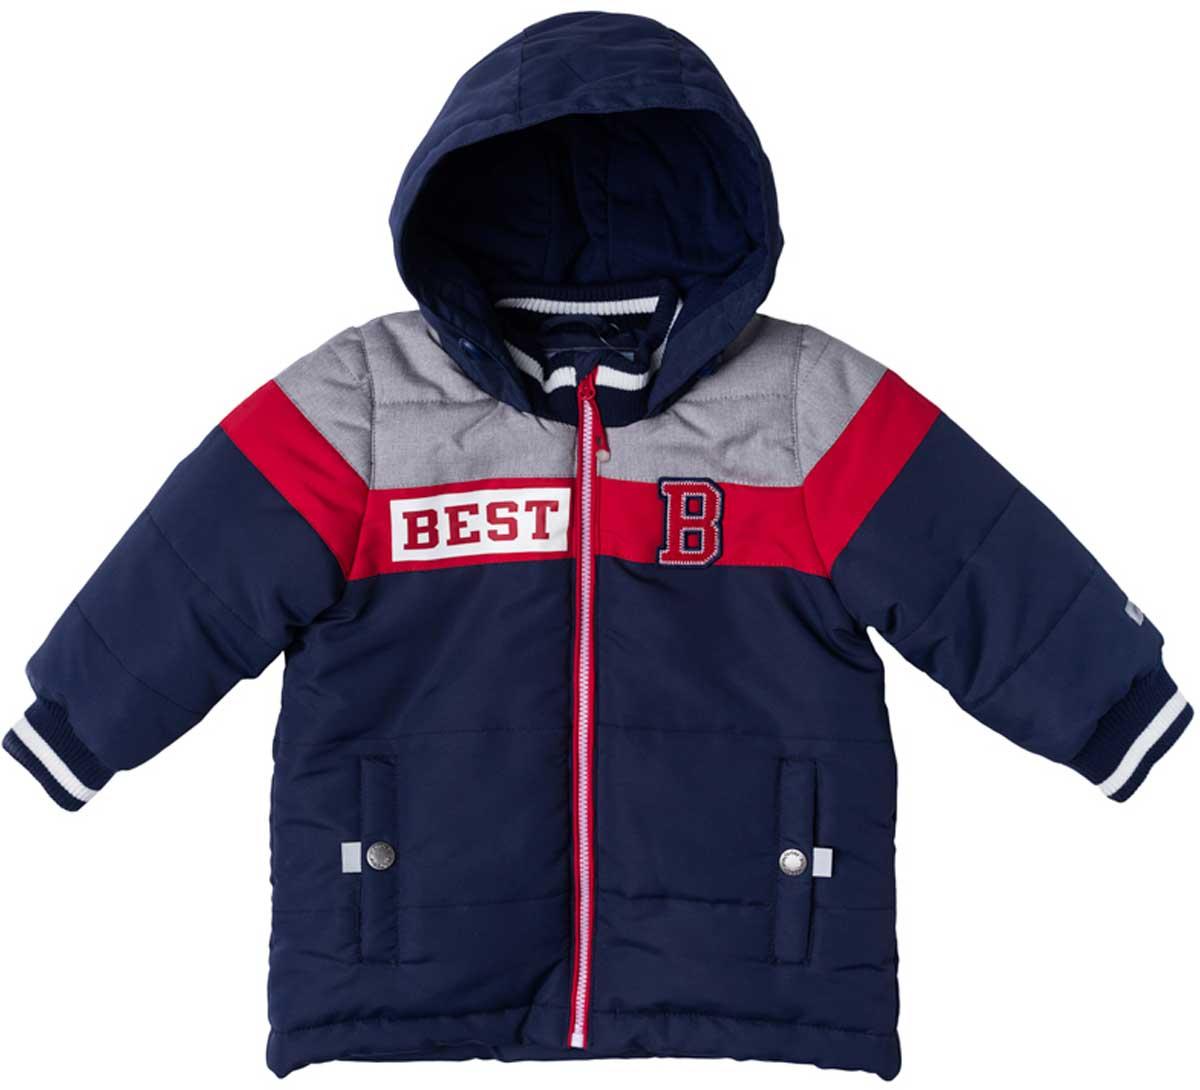 Куртка для мальчика PlayToday, цвет: темно-синий, светло-серый, красный. 177002. Размер 92177002Практичная утепленная куртка с капюшоном со специальной водоотталкивающей пропиткой защитит вашего ребенка в любую погоду! Мягкие трикотажные резинки на рукавах защитят вашего ребенка - ветер не сможет проникнуть под куртку. Специальный карман для фиксации застежки-молнии не позволит застежке травмировать нежную детскую кожу. Модель снабжена светоотражателями на рукаве и по низу изделия - ваш ребенок будет виден даже в темное время суток.